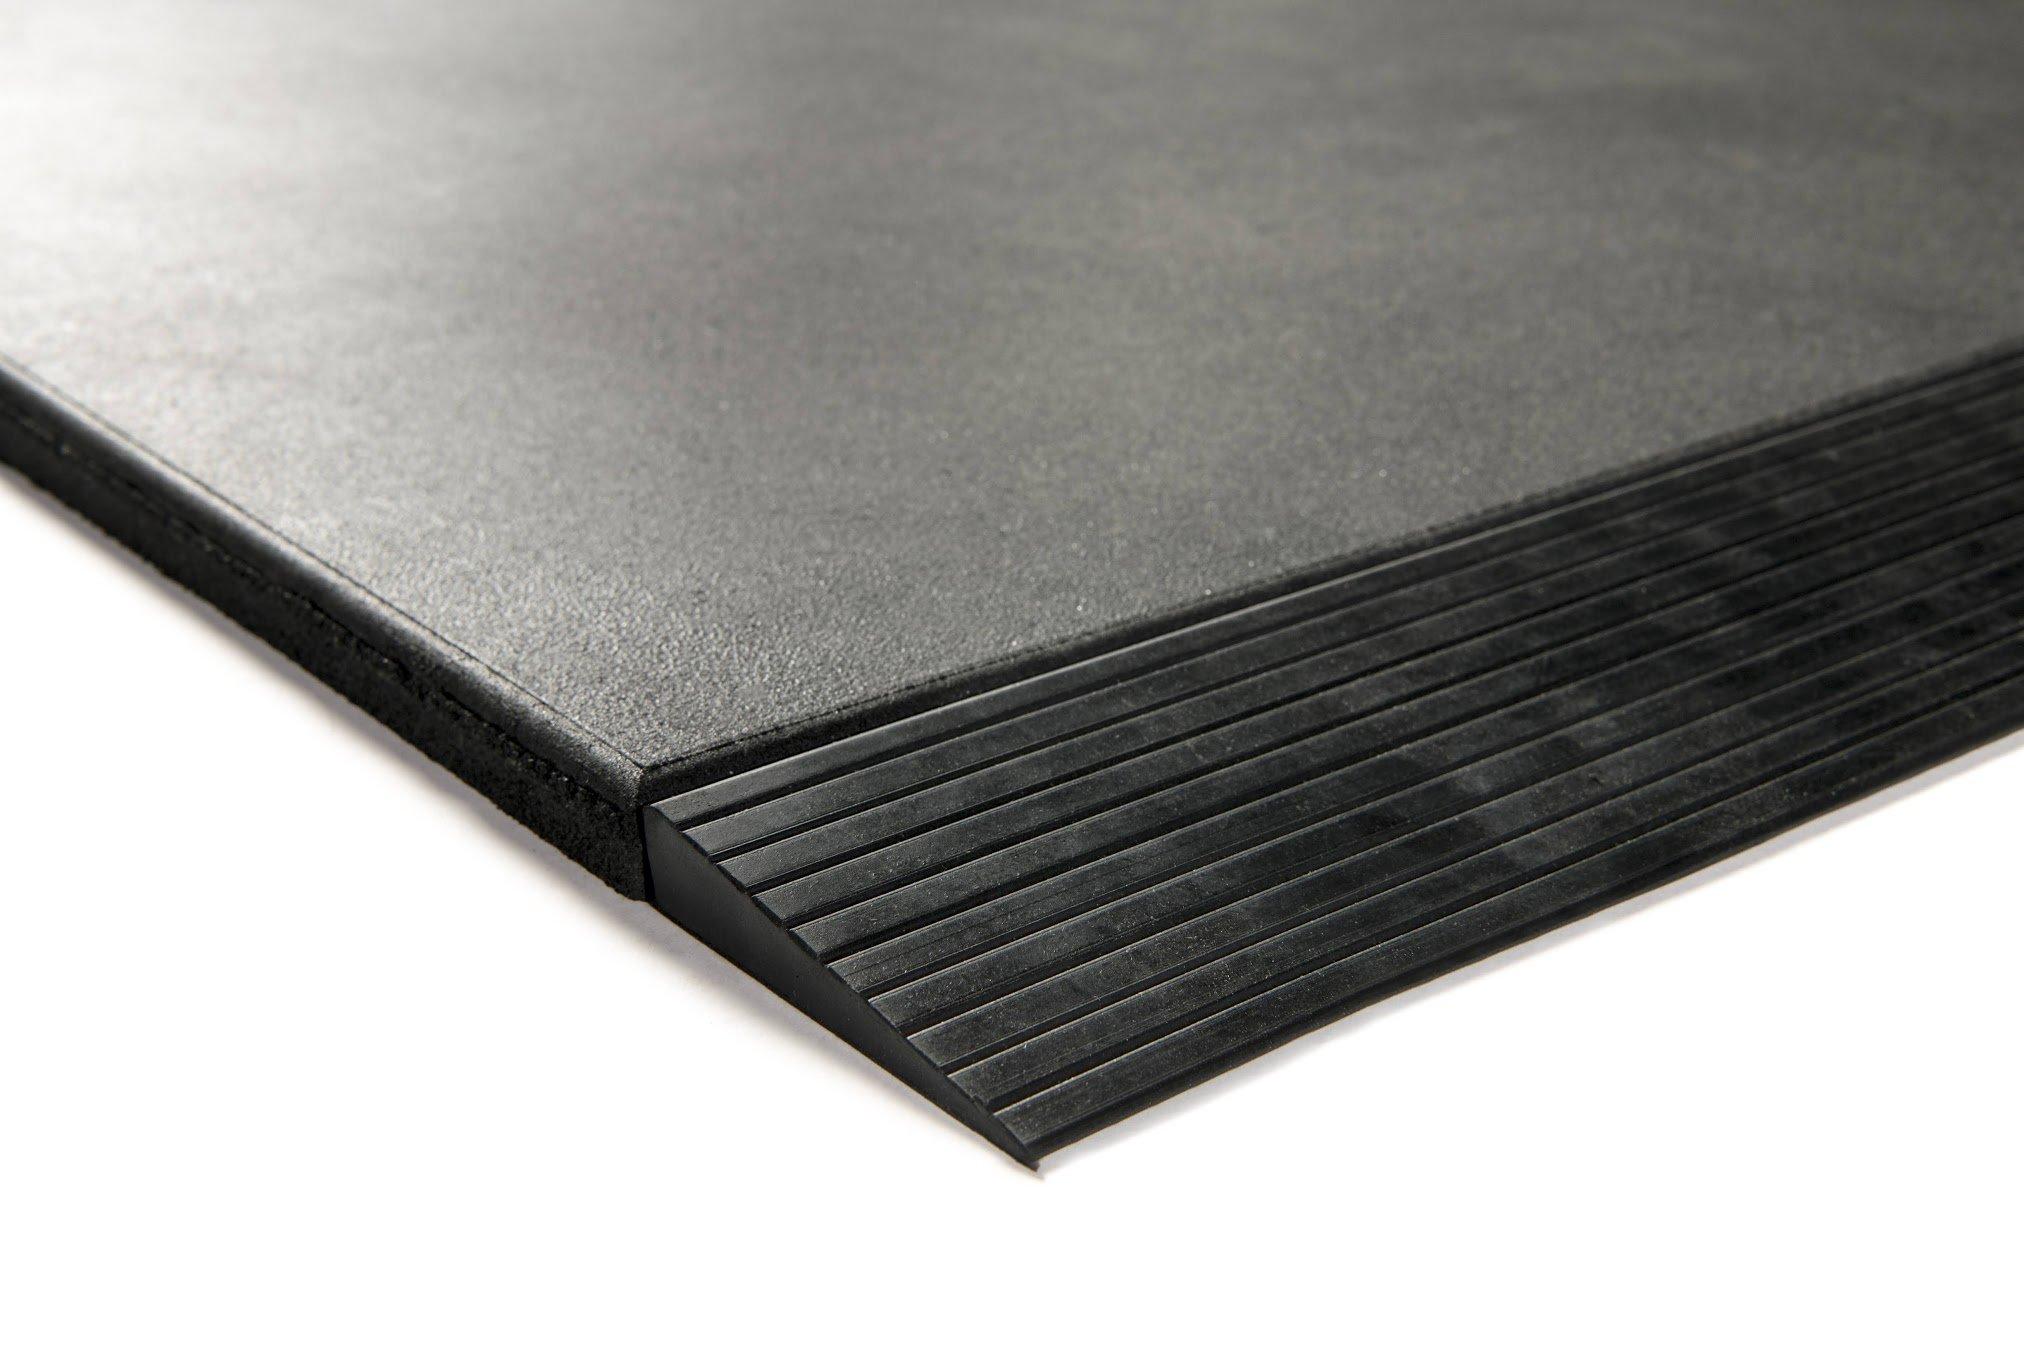 Granuflex Rampe Til Gummiflise 1000 x 100 x 20 mm Black